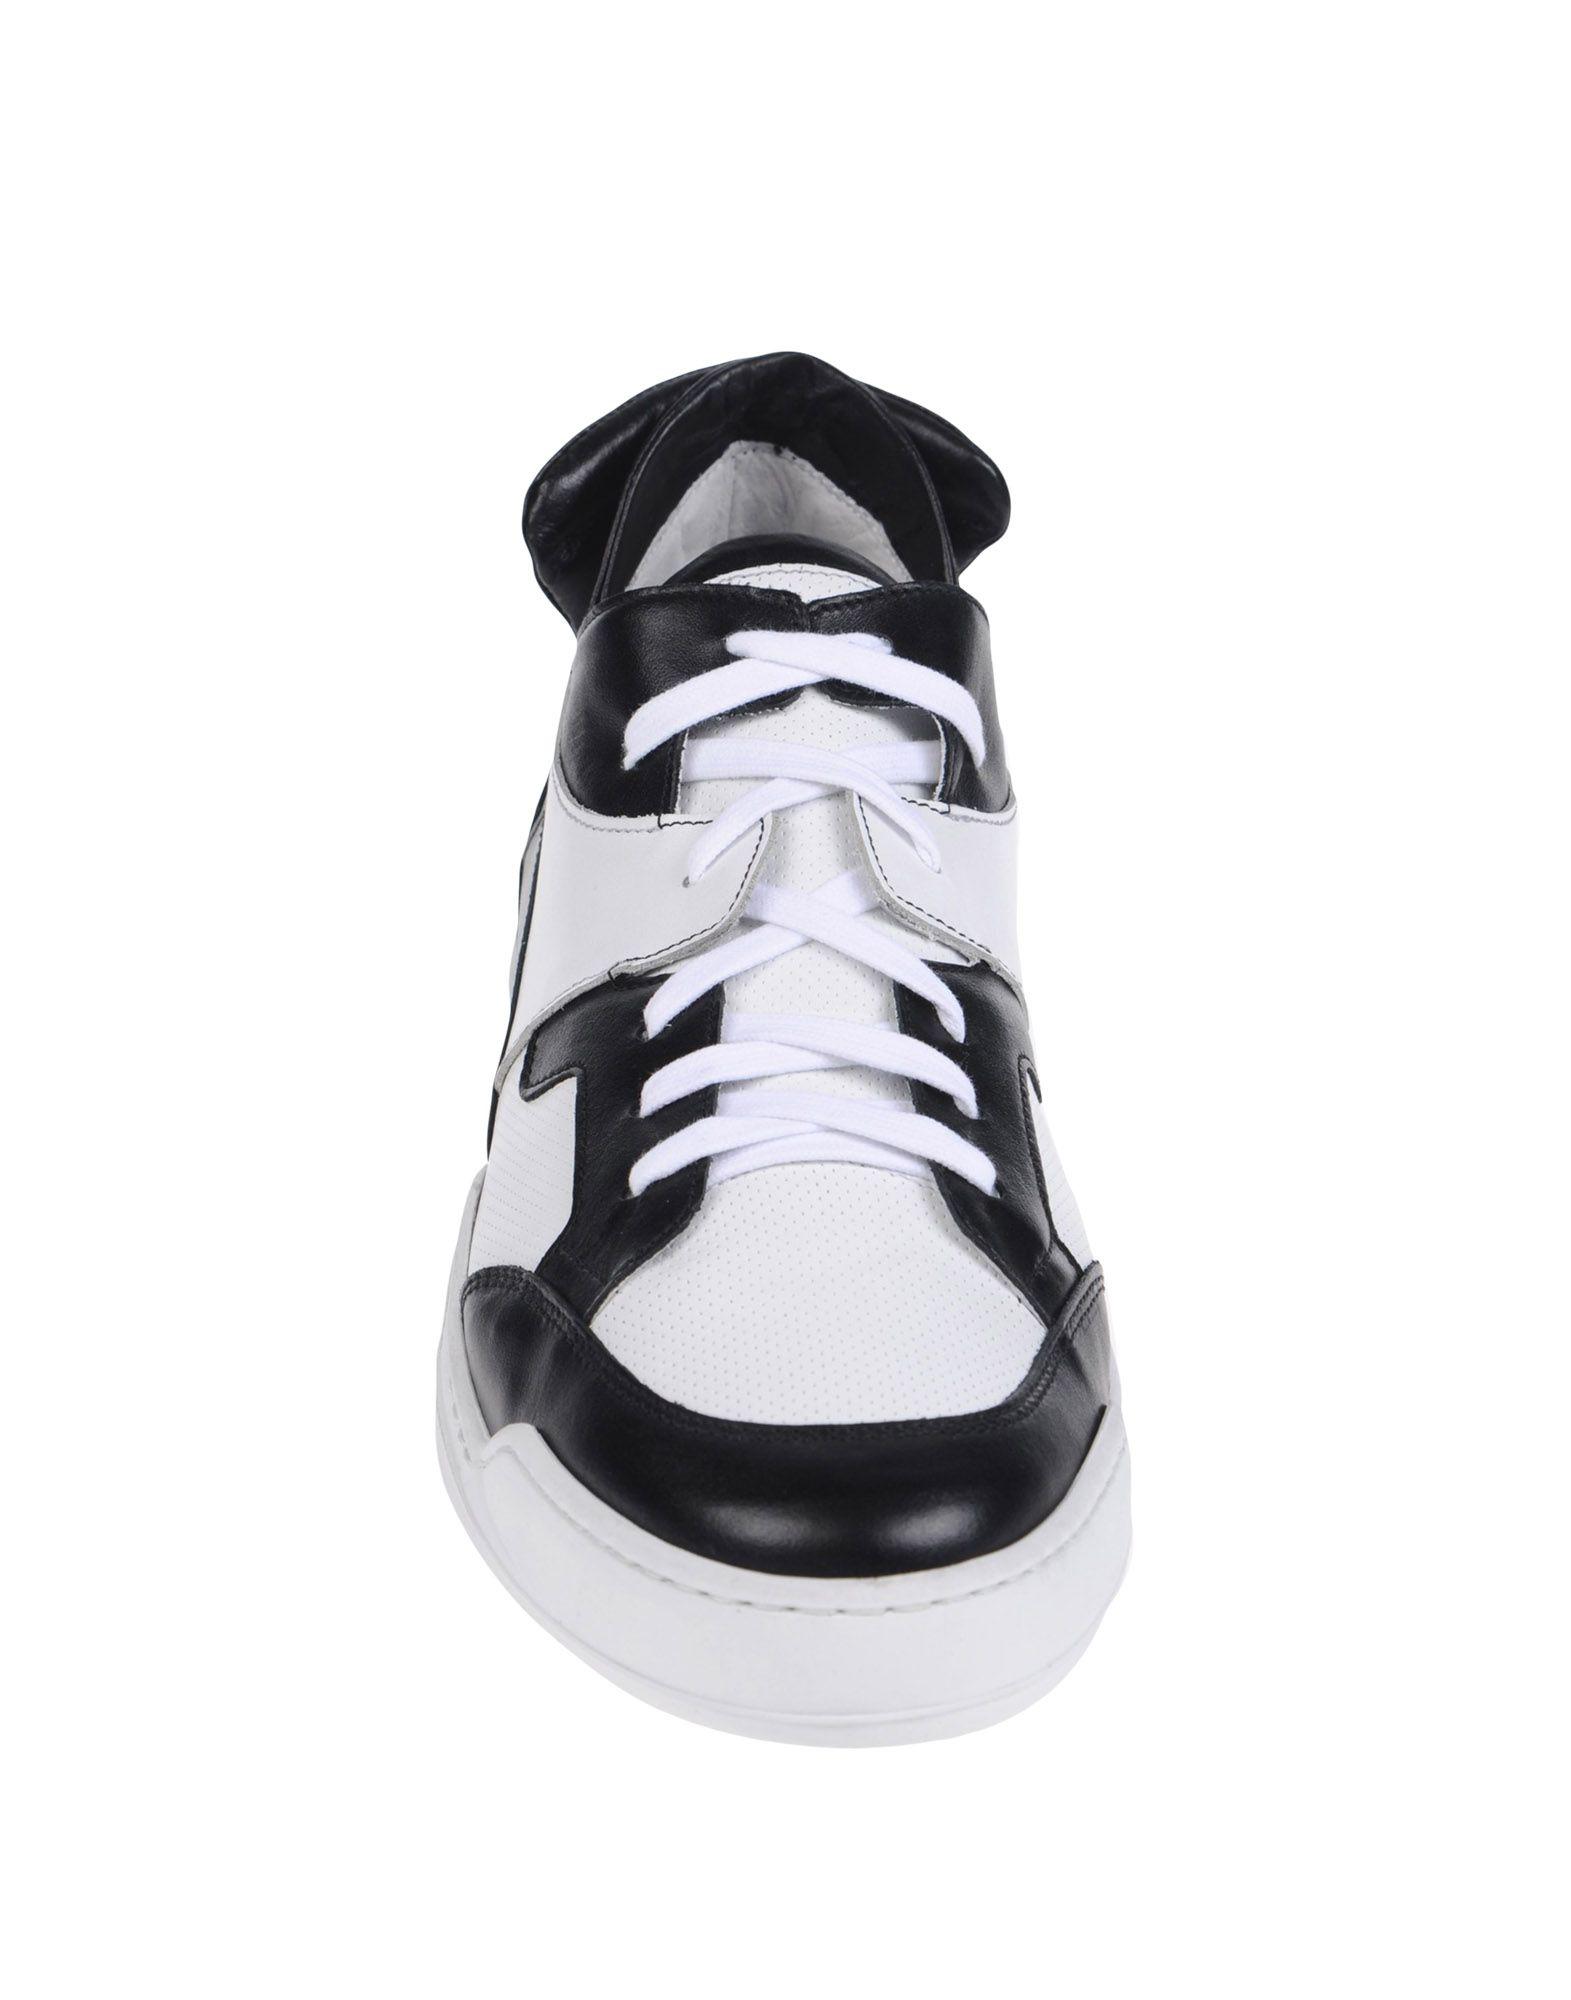 8 Sneakers Herren Herren Sneakers  11187686EI ba6807